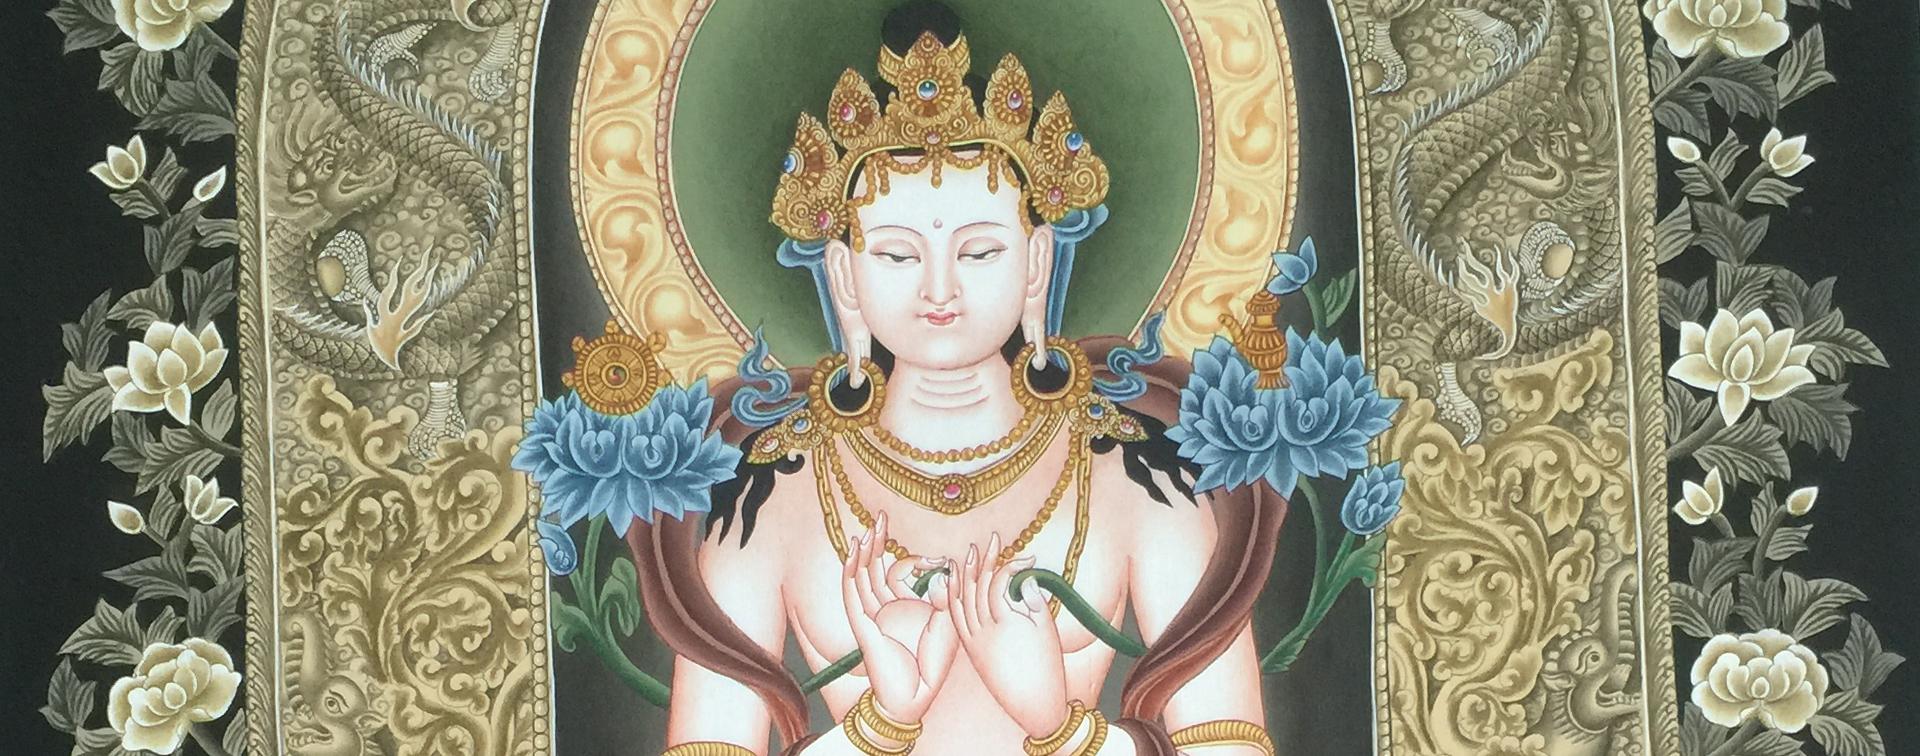 Maitreya Buddha Thangka